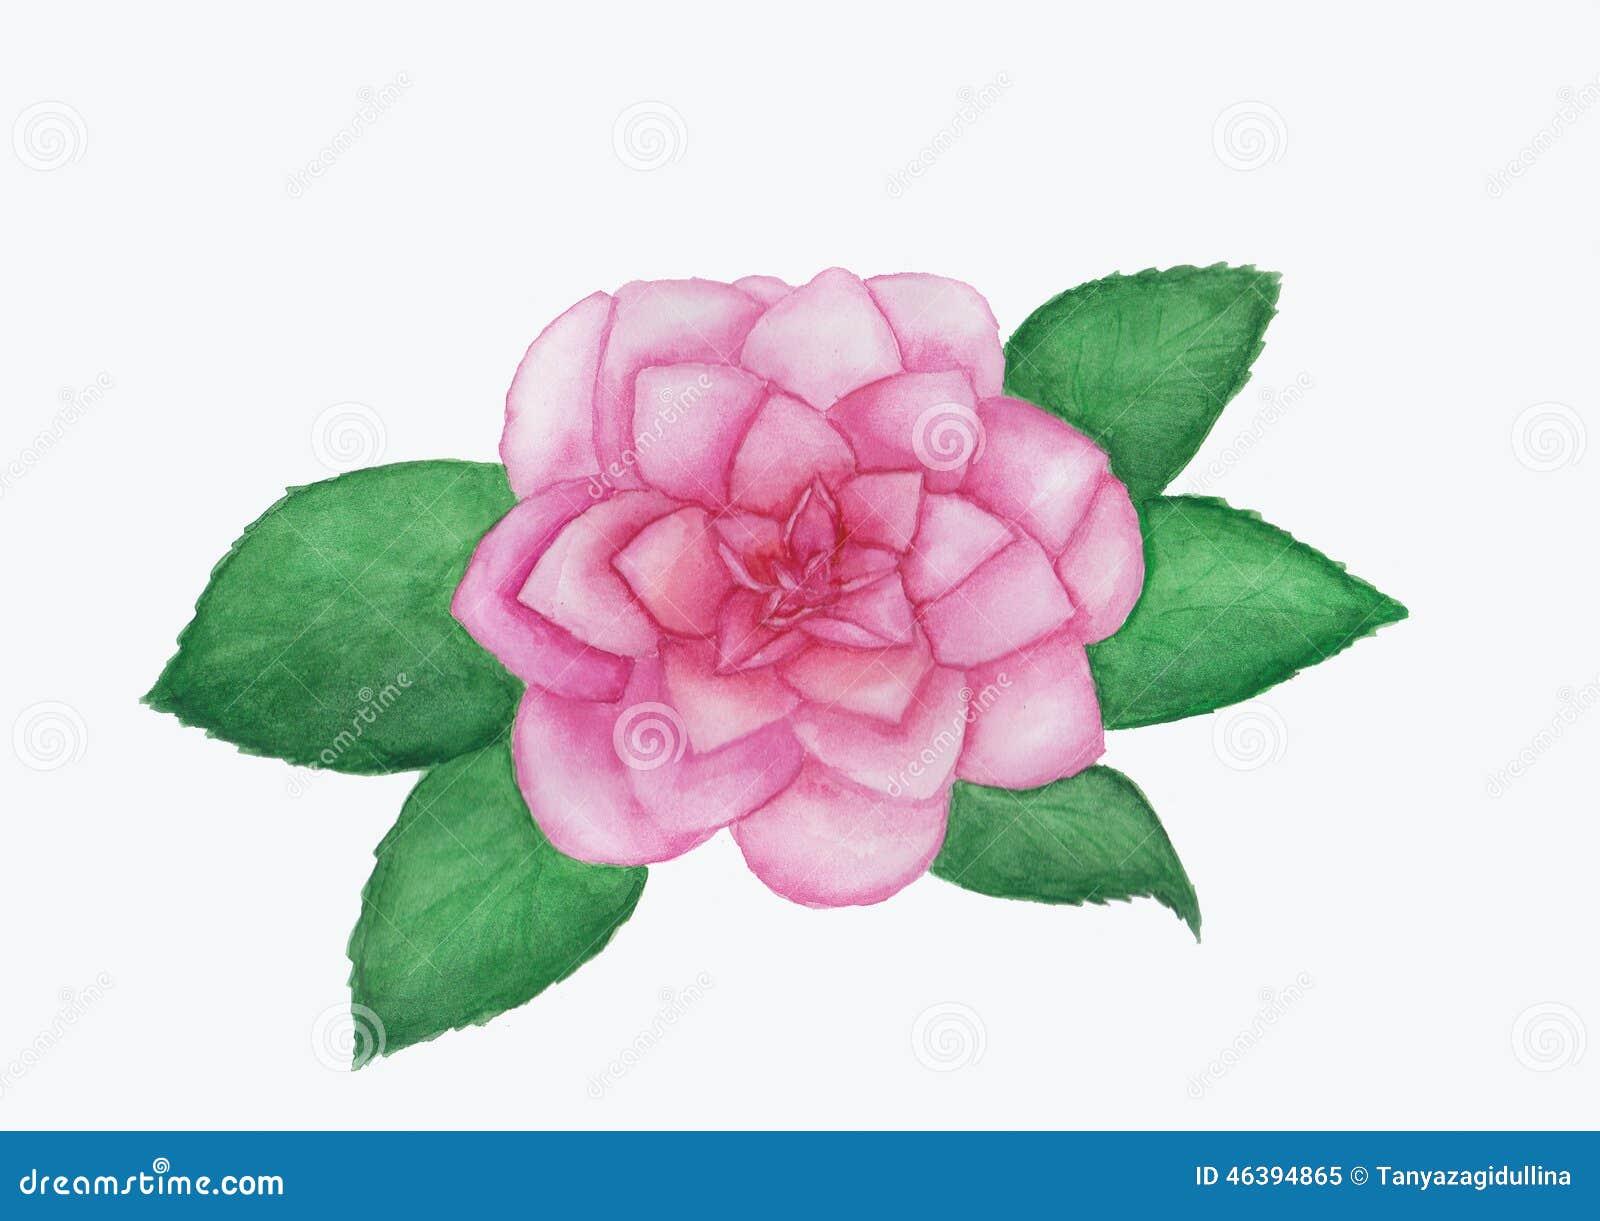 Peinture D Aquarelle De Fleur De Camelia Illustration Stock